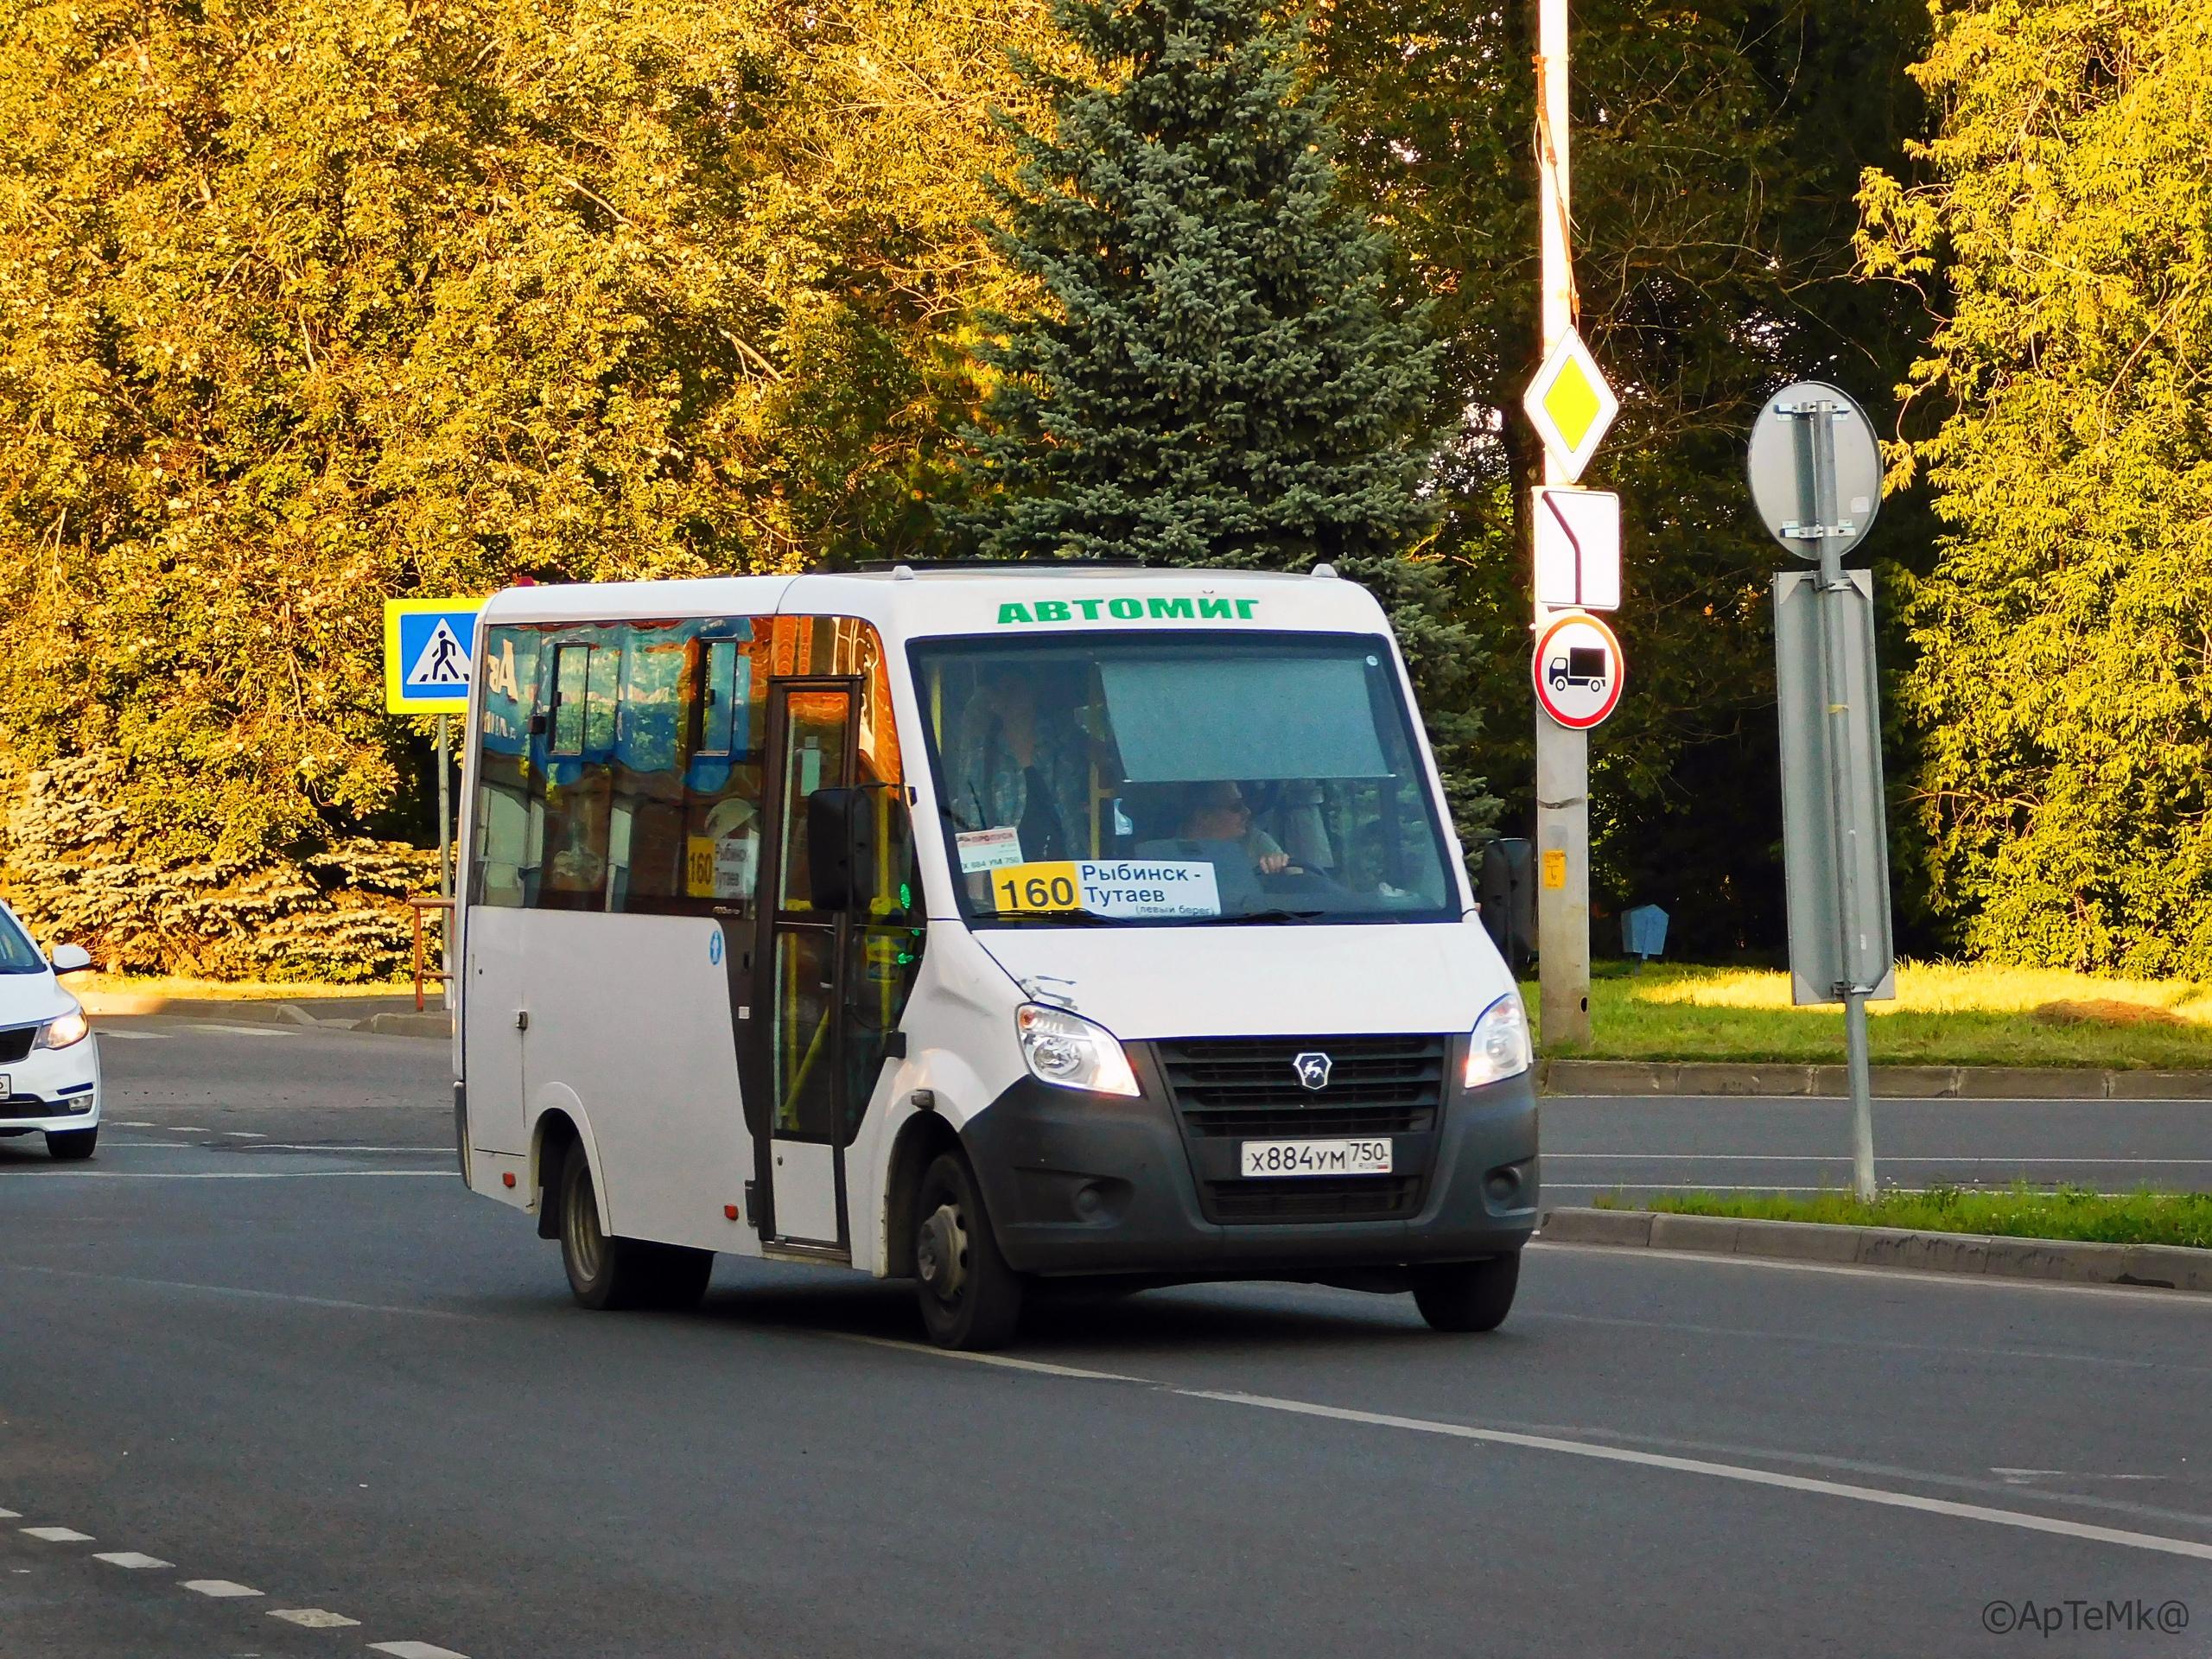 Автобус №160